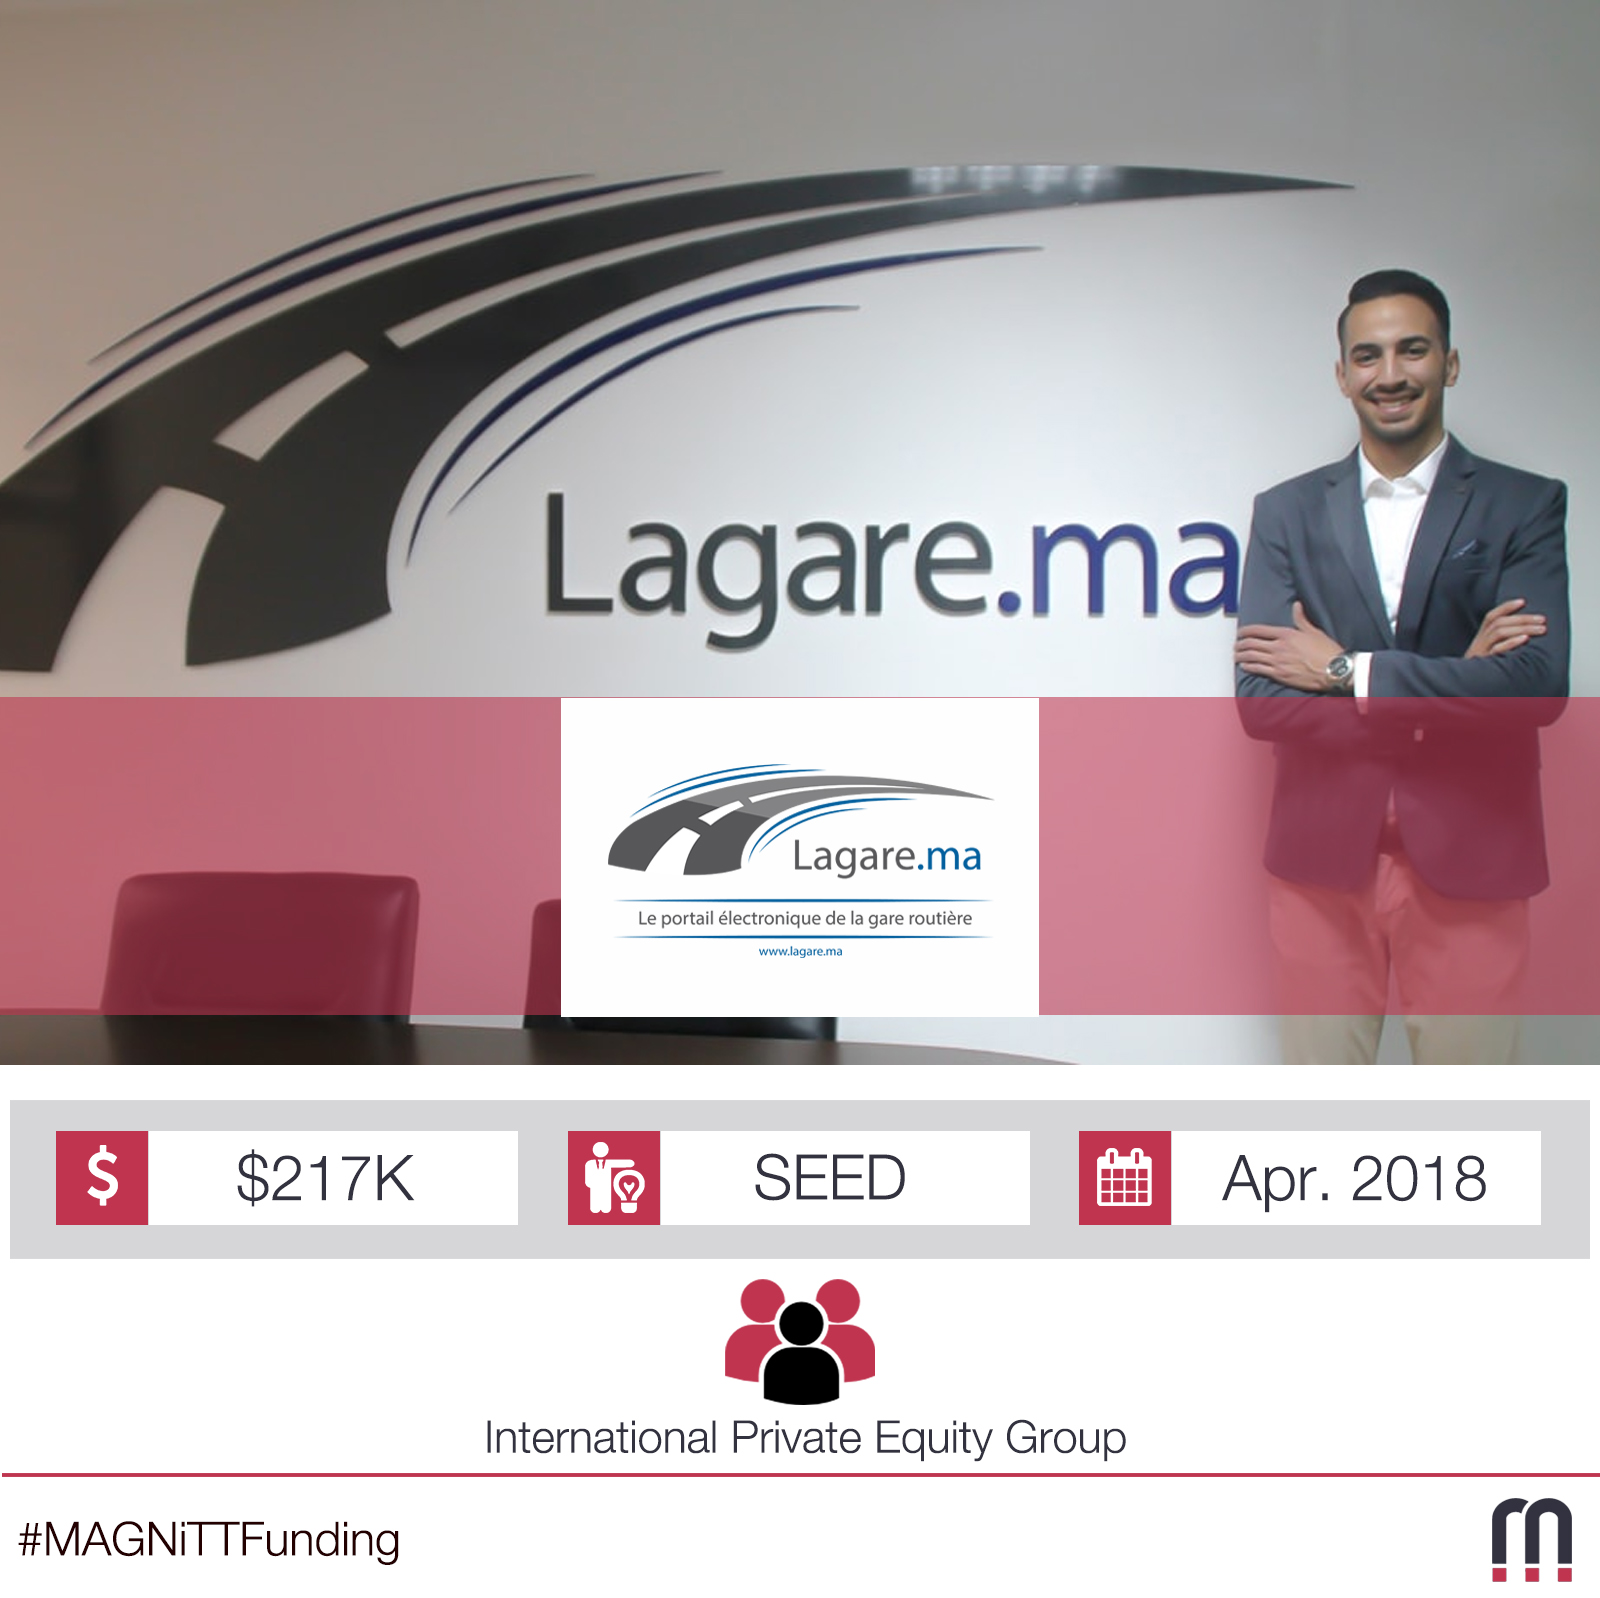 Morocco-based Lagare.ma raises $217K